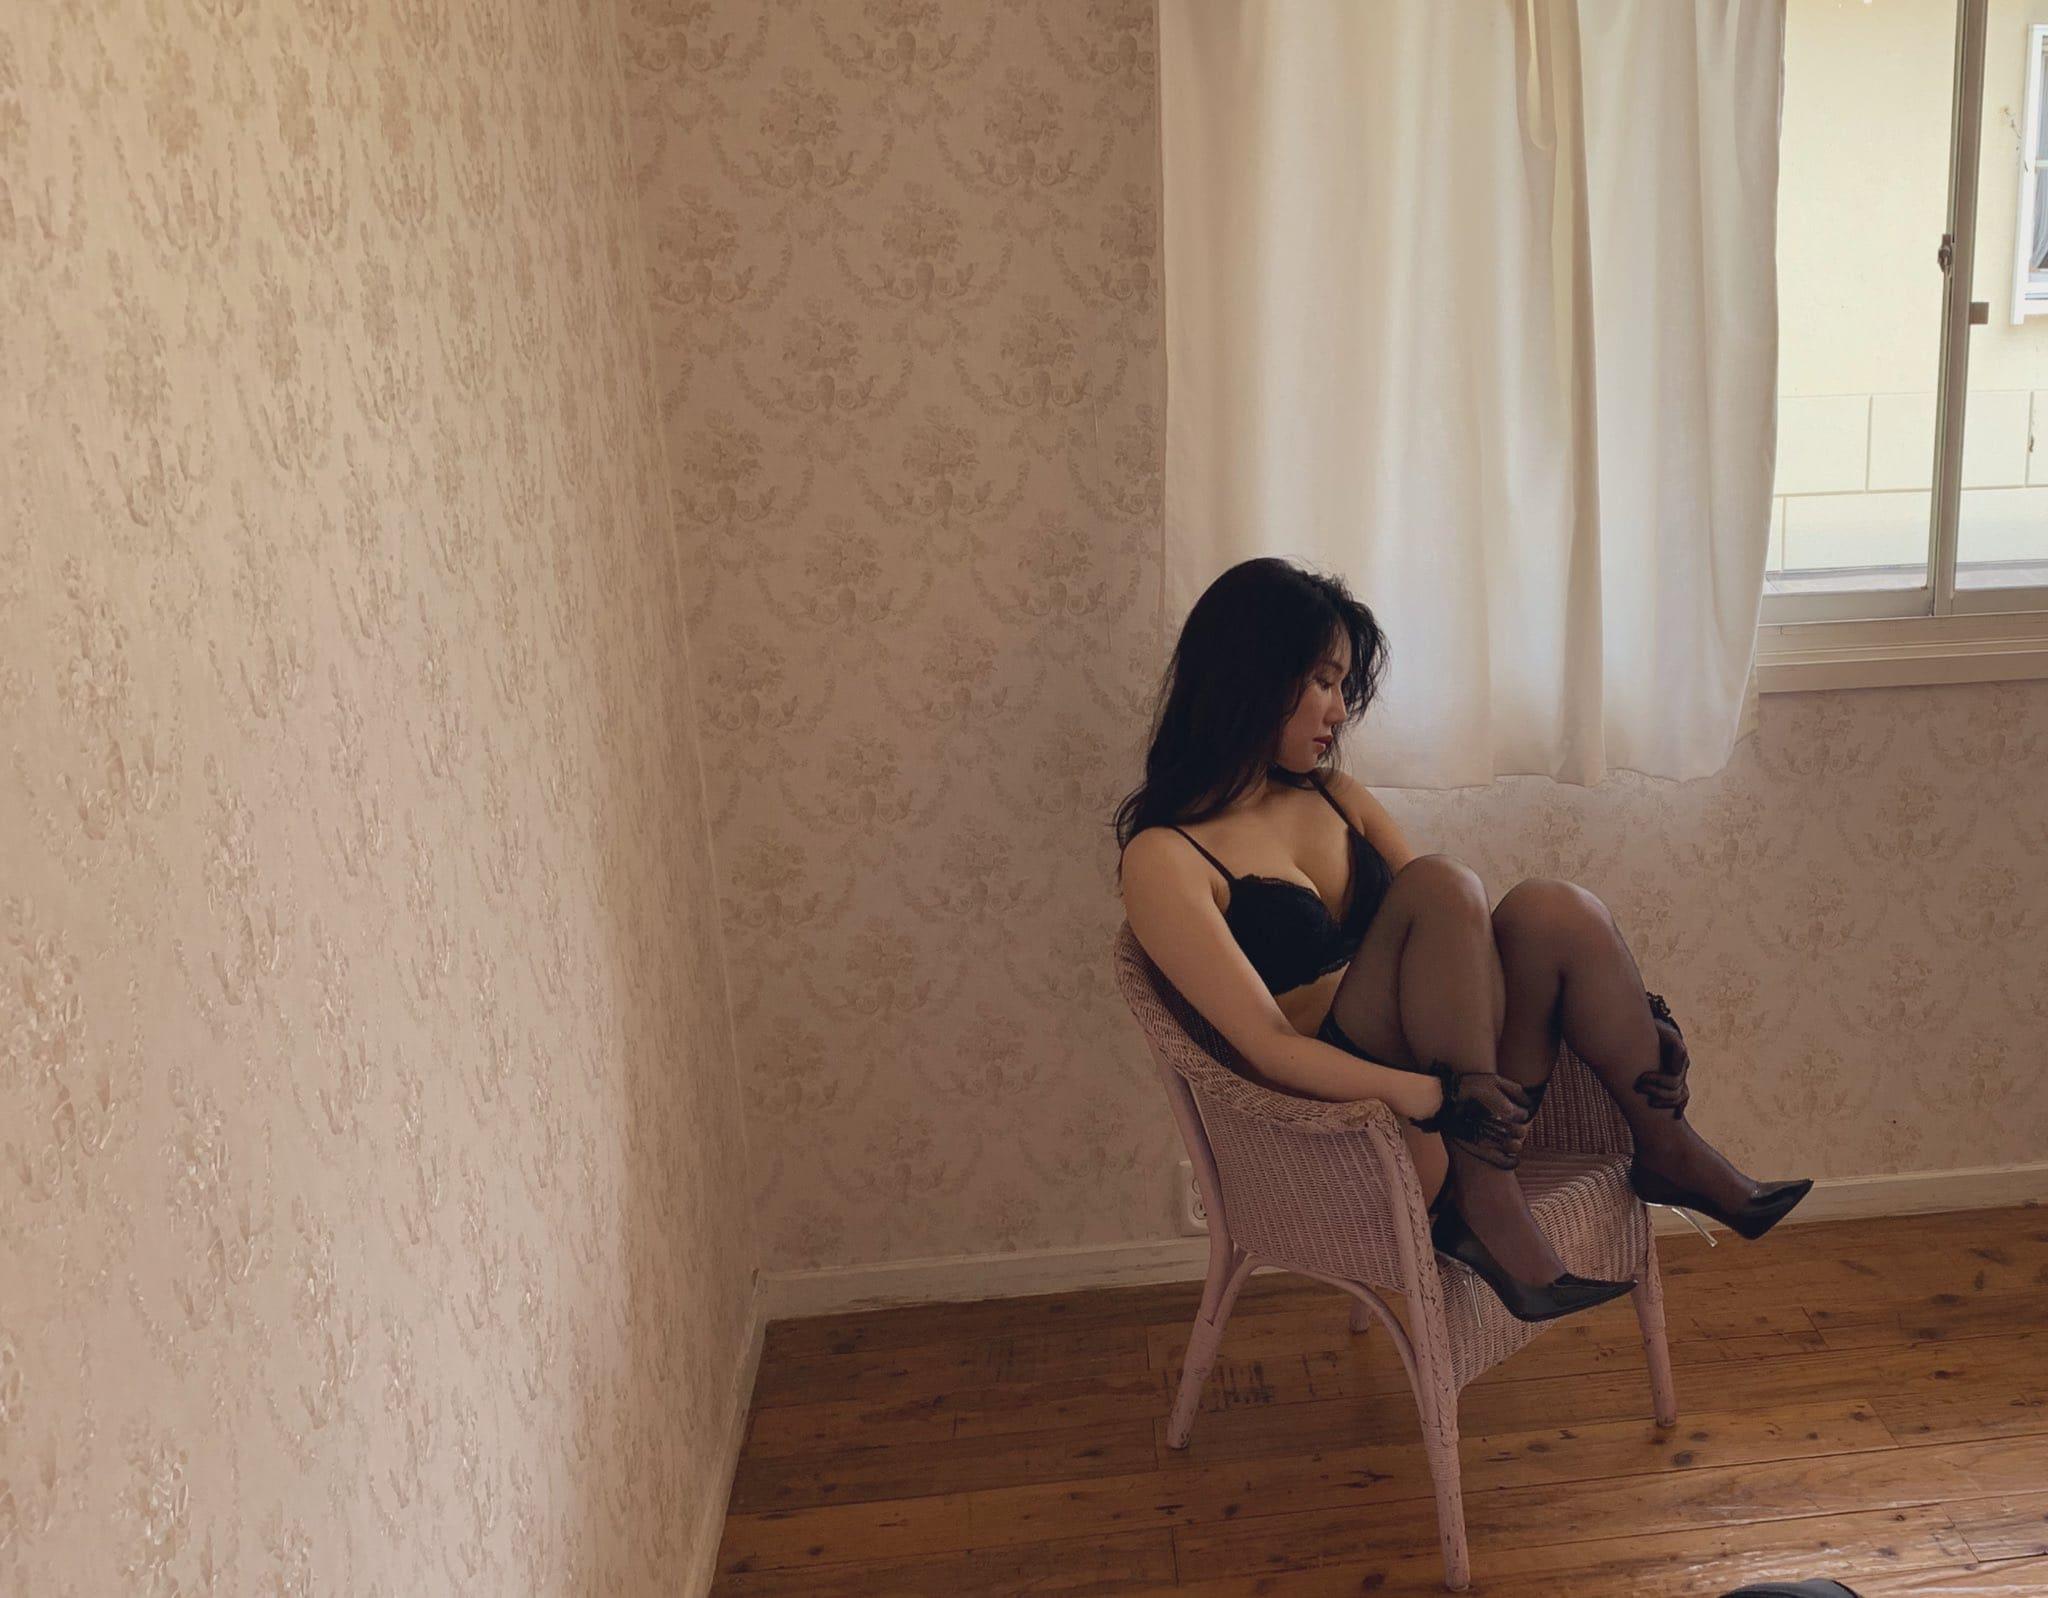 元AKB48鈴木まりや「オトナな黒のランジェリー姿にドキッ」写真集撮影のオフショットを公開【画像2枚】の画像001